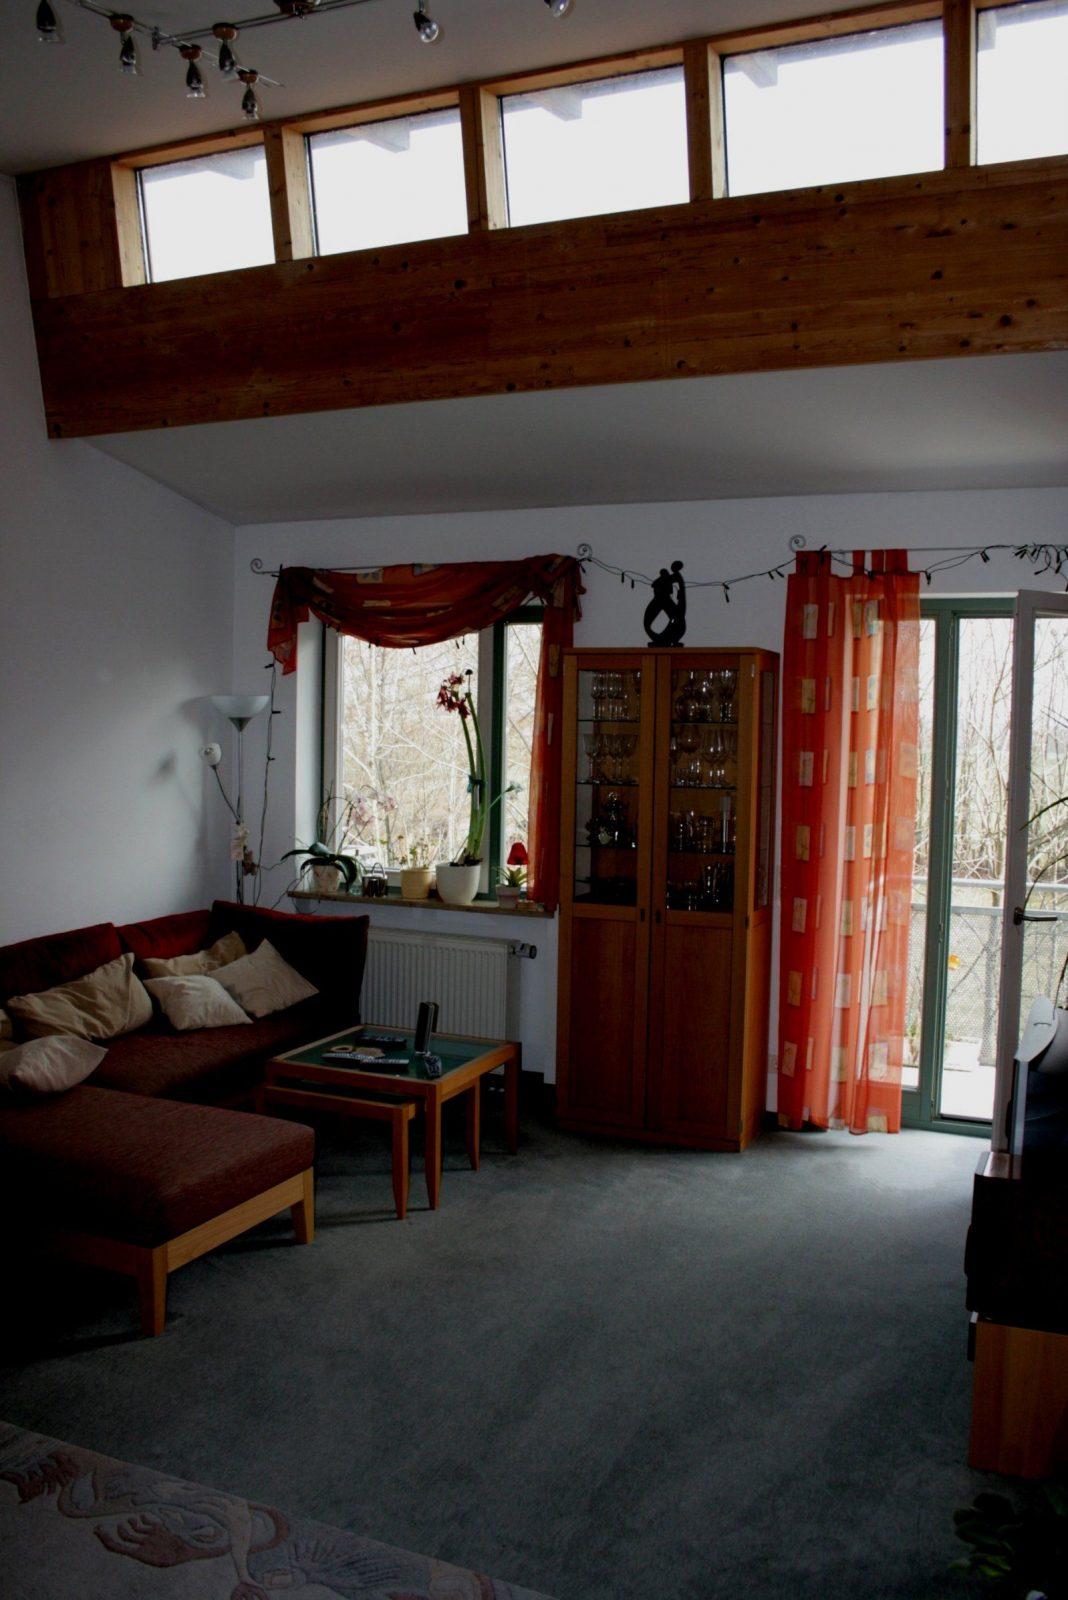 Wohnung Mieten Ohne Provision Düsseldorf  Beste Sammlung Von Möbel von Wohnung Mieten Ohne Provision Bild